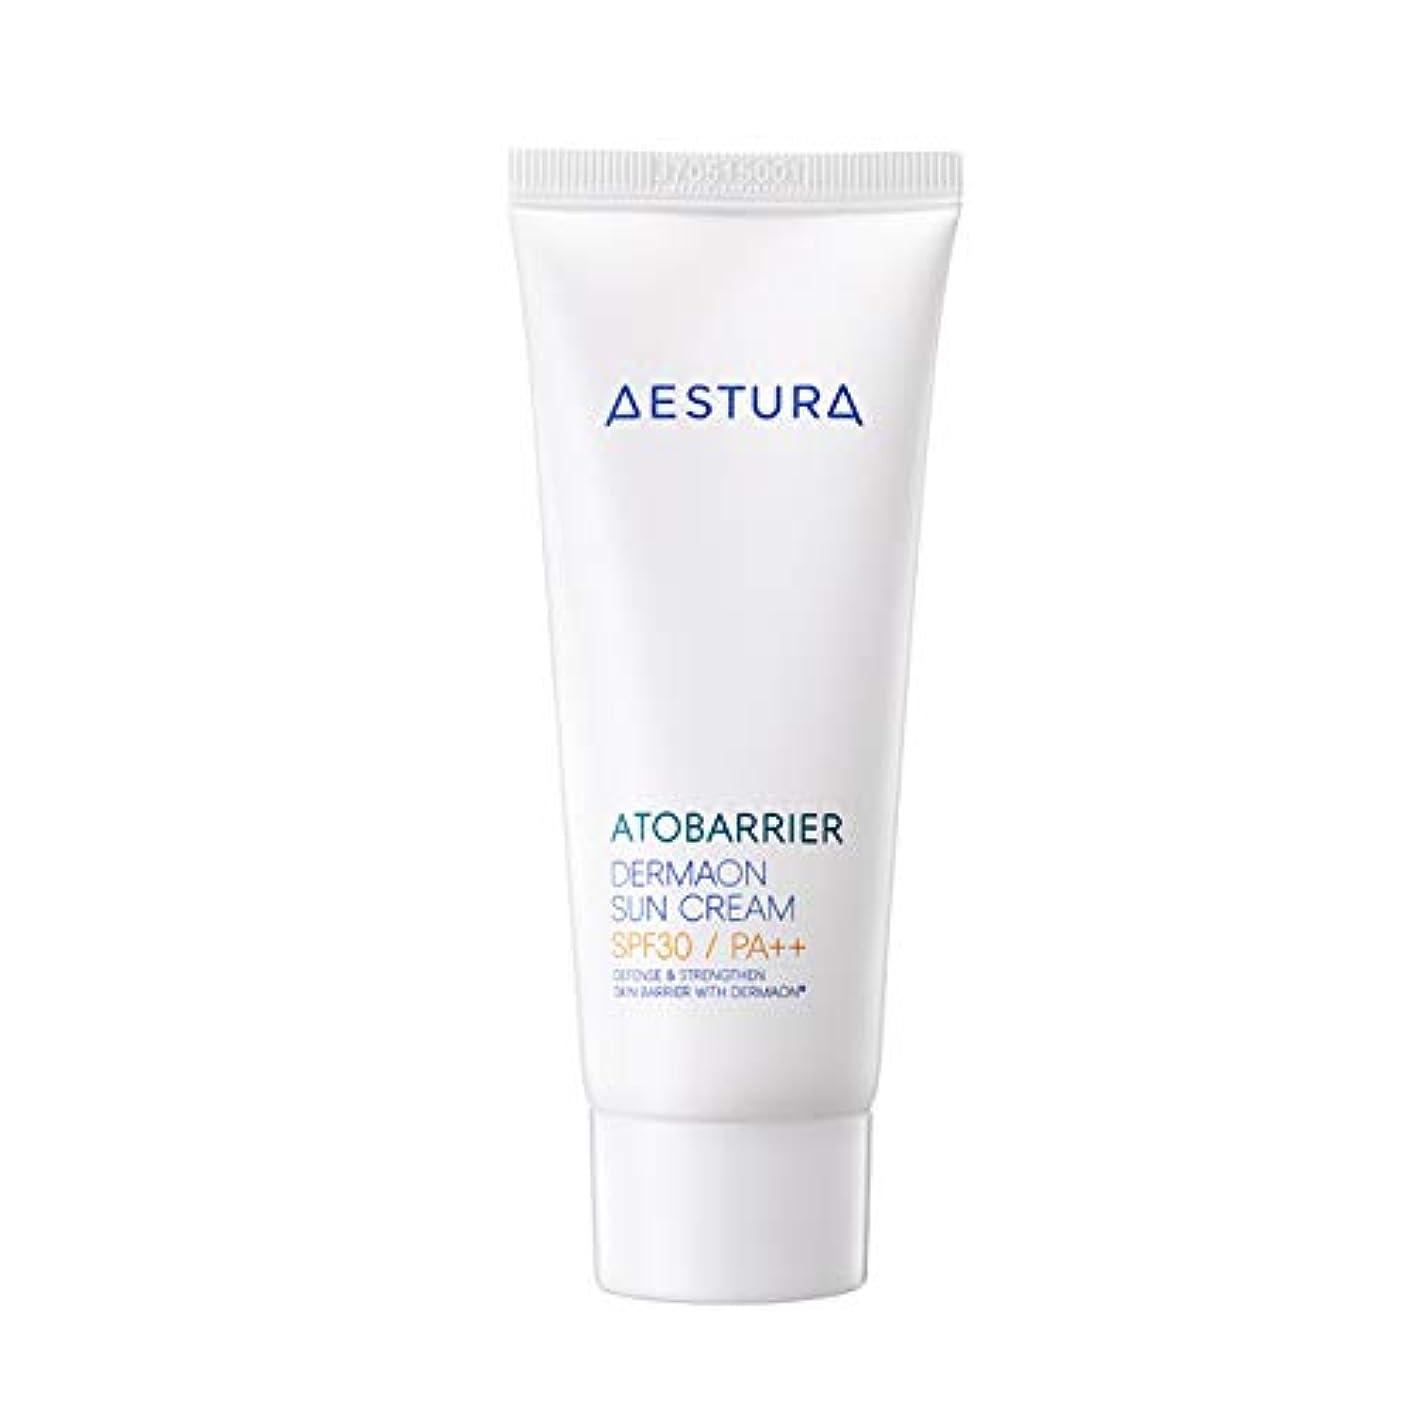 ストライプ一貫性のない有効AESTURA アトバリエ ダーマオン サンクリーム 60ml,SPF30 / PA++ Atobarrier Dermaon Sun Cream